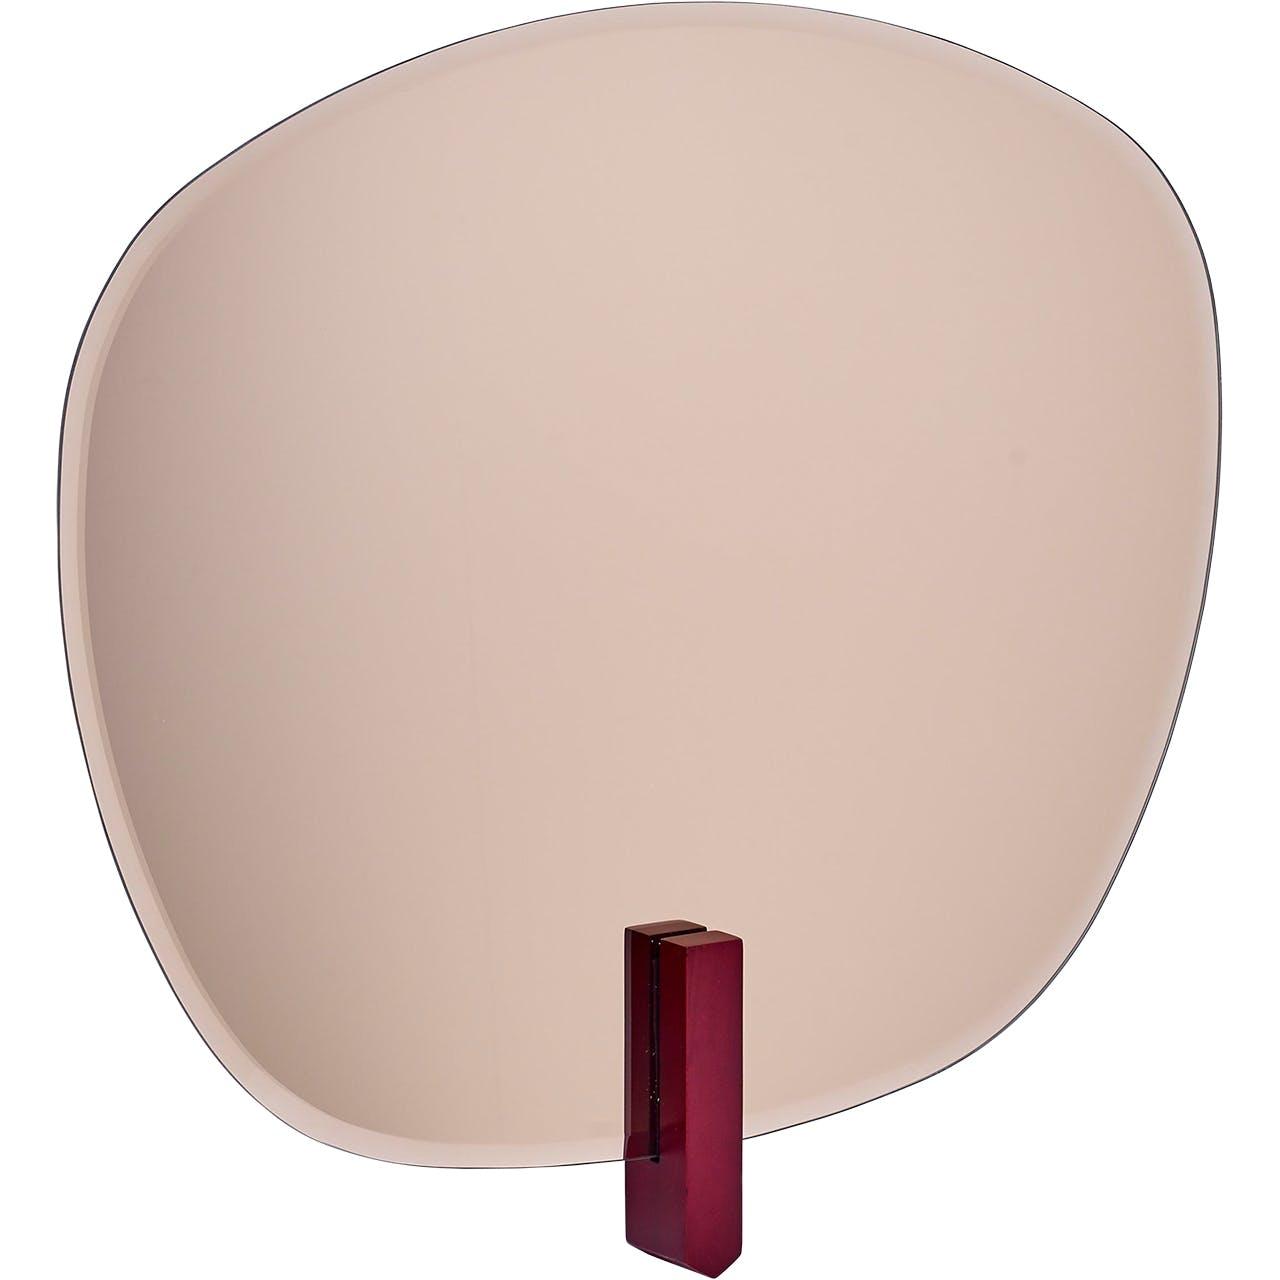 Bolia vægspejl designet af vera & kyte